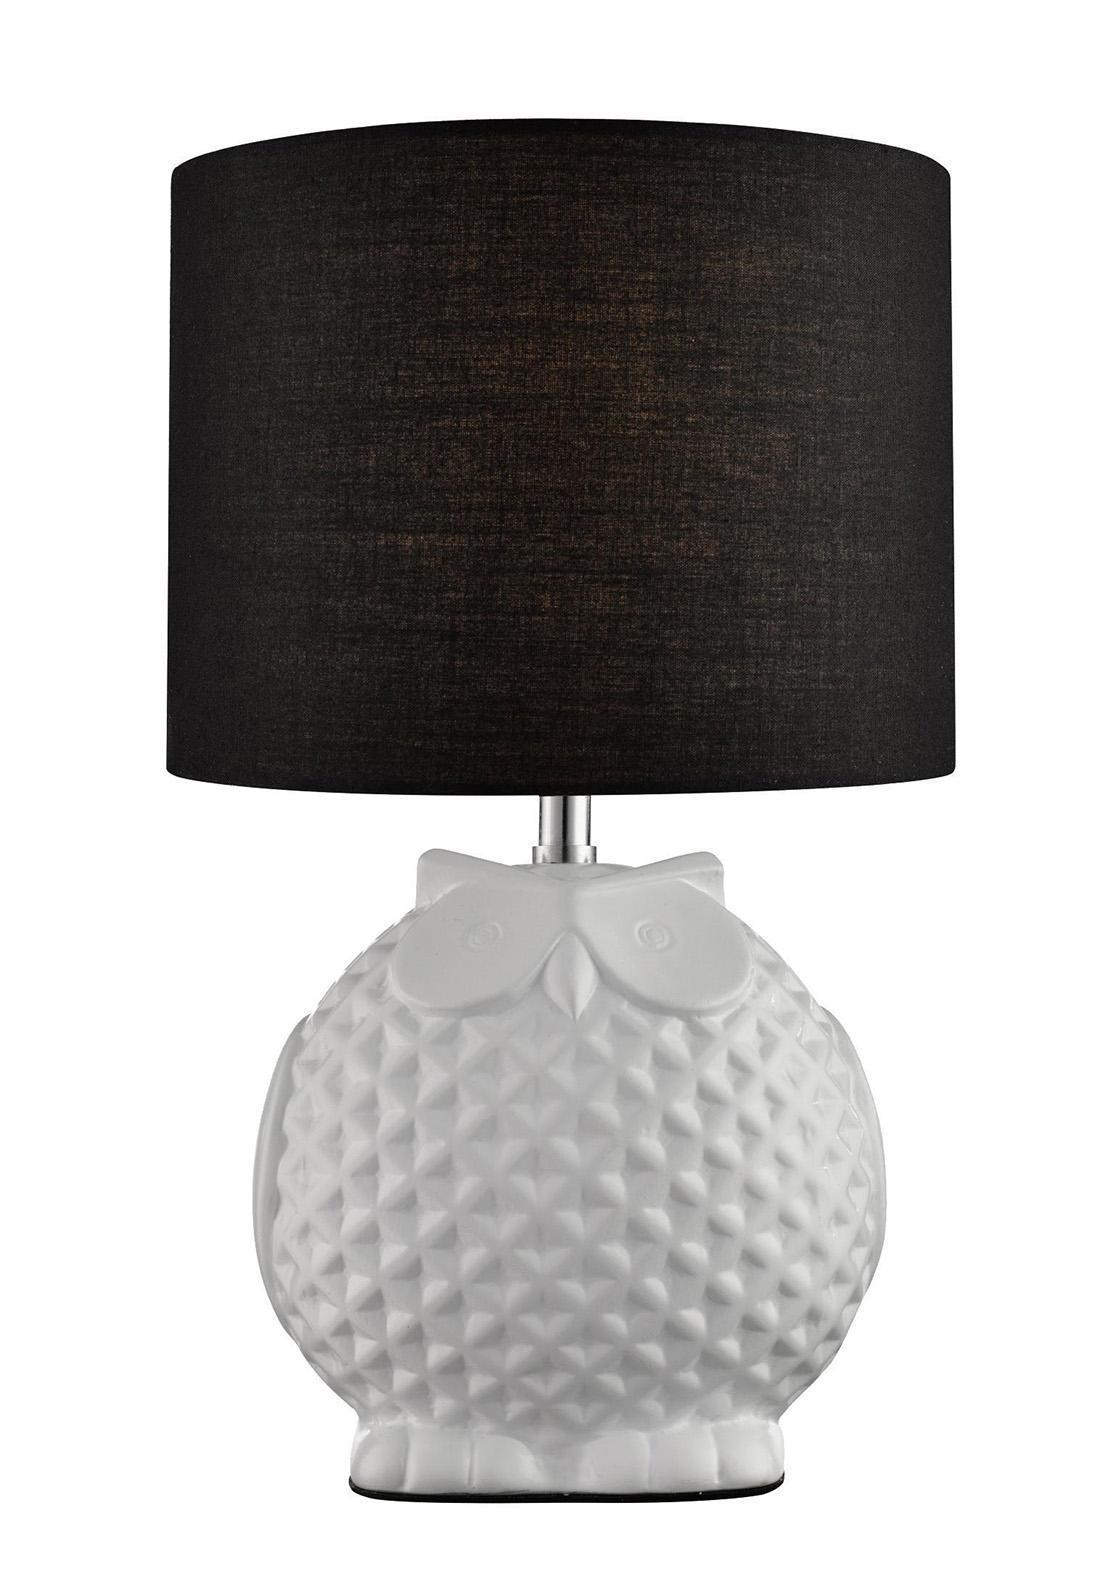 A1582LT-1BK GAMBA Настольный светильникA1582LT-1BKНастольная лампа Arte Lamp A1582LT-1BK Gamba — это высокое качество по приемлемой цене. Вся продукция Arte Lamp сертифицирована согласно требований Европейских директив и имеет маркировку CE. Защита окружающей среды — обязательное условие при производстве всего ассортимента фабрики. Светильник Arte Lamp A1582LT-1BK Gamba — это гармония между функциональностью и формой, где ключевую роль играет дизайн. Фабрика Arte Lamp диктует новые и перспективные тренды в дизайне. 1xE14 40W Материал: Арматура: Керамика / Плафон: Ткань Цвет: Арматура: Черный / Плафон: Черный Размер: 31x18x18